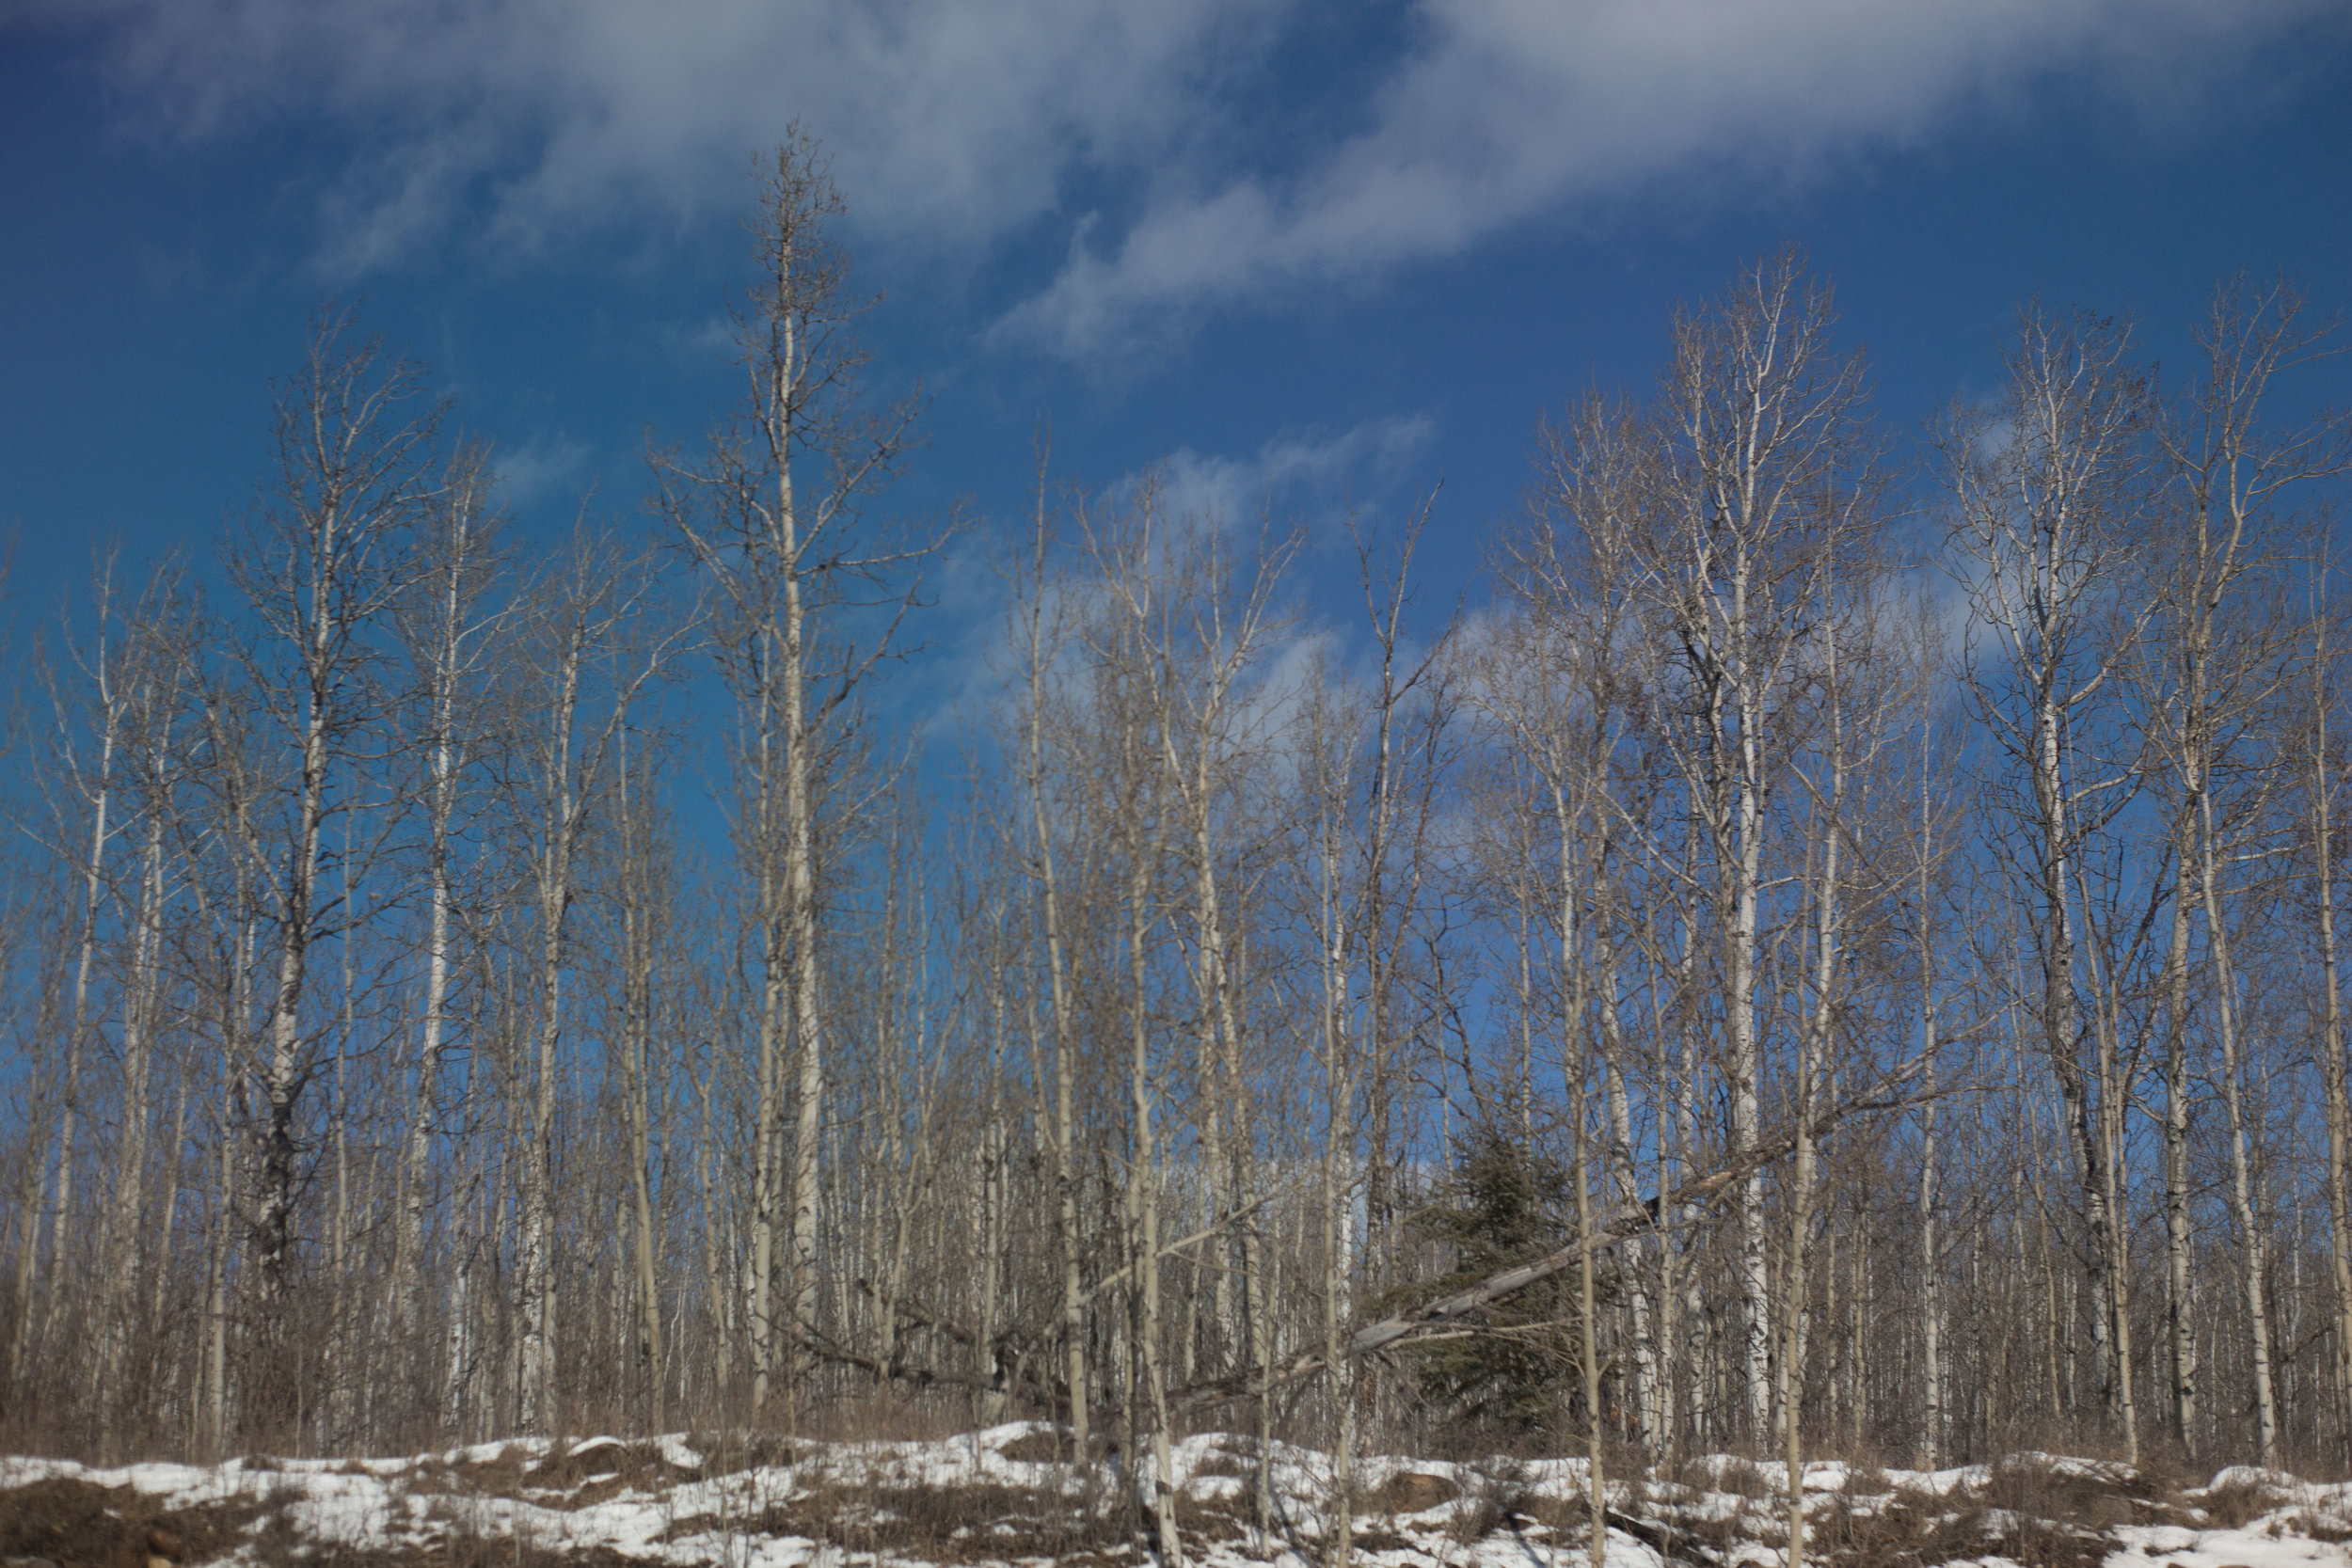 yep, more birch trees.